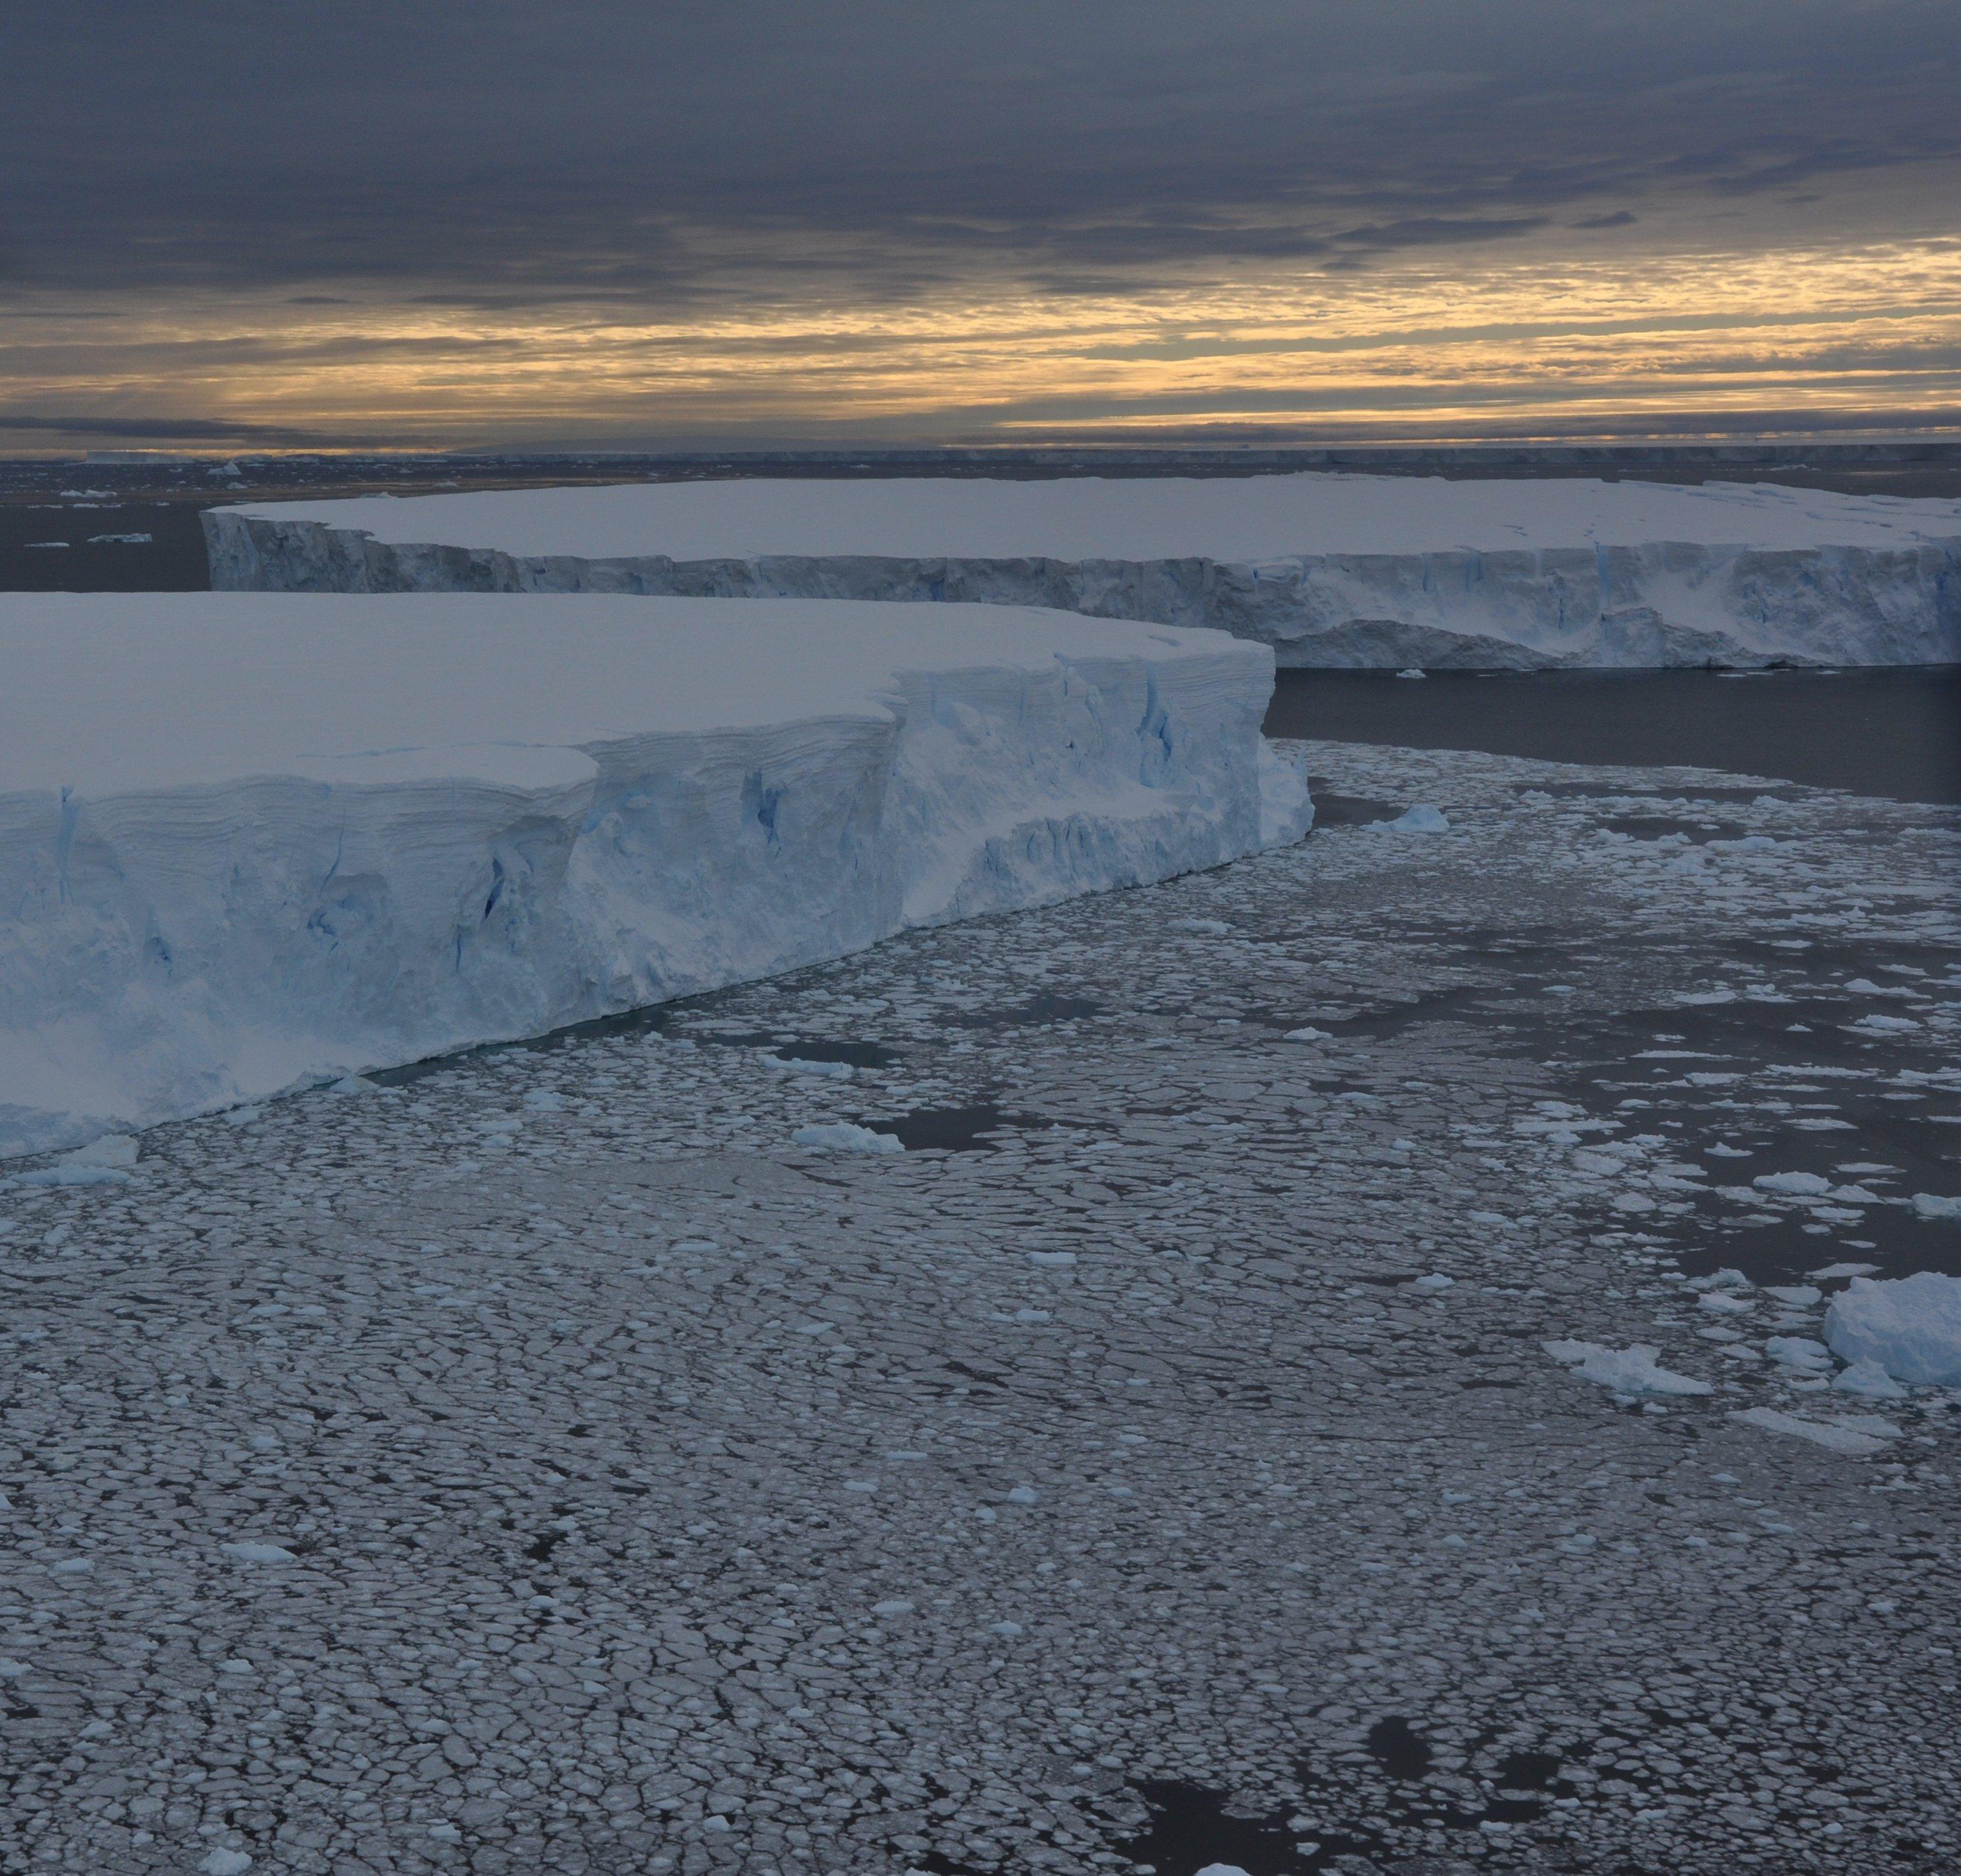 Tabular icebergs in Pine Island Bay